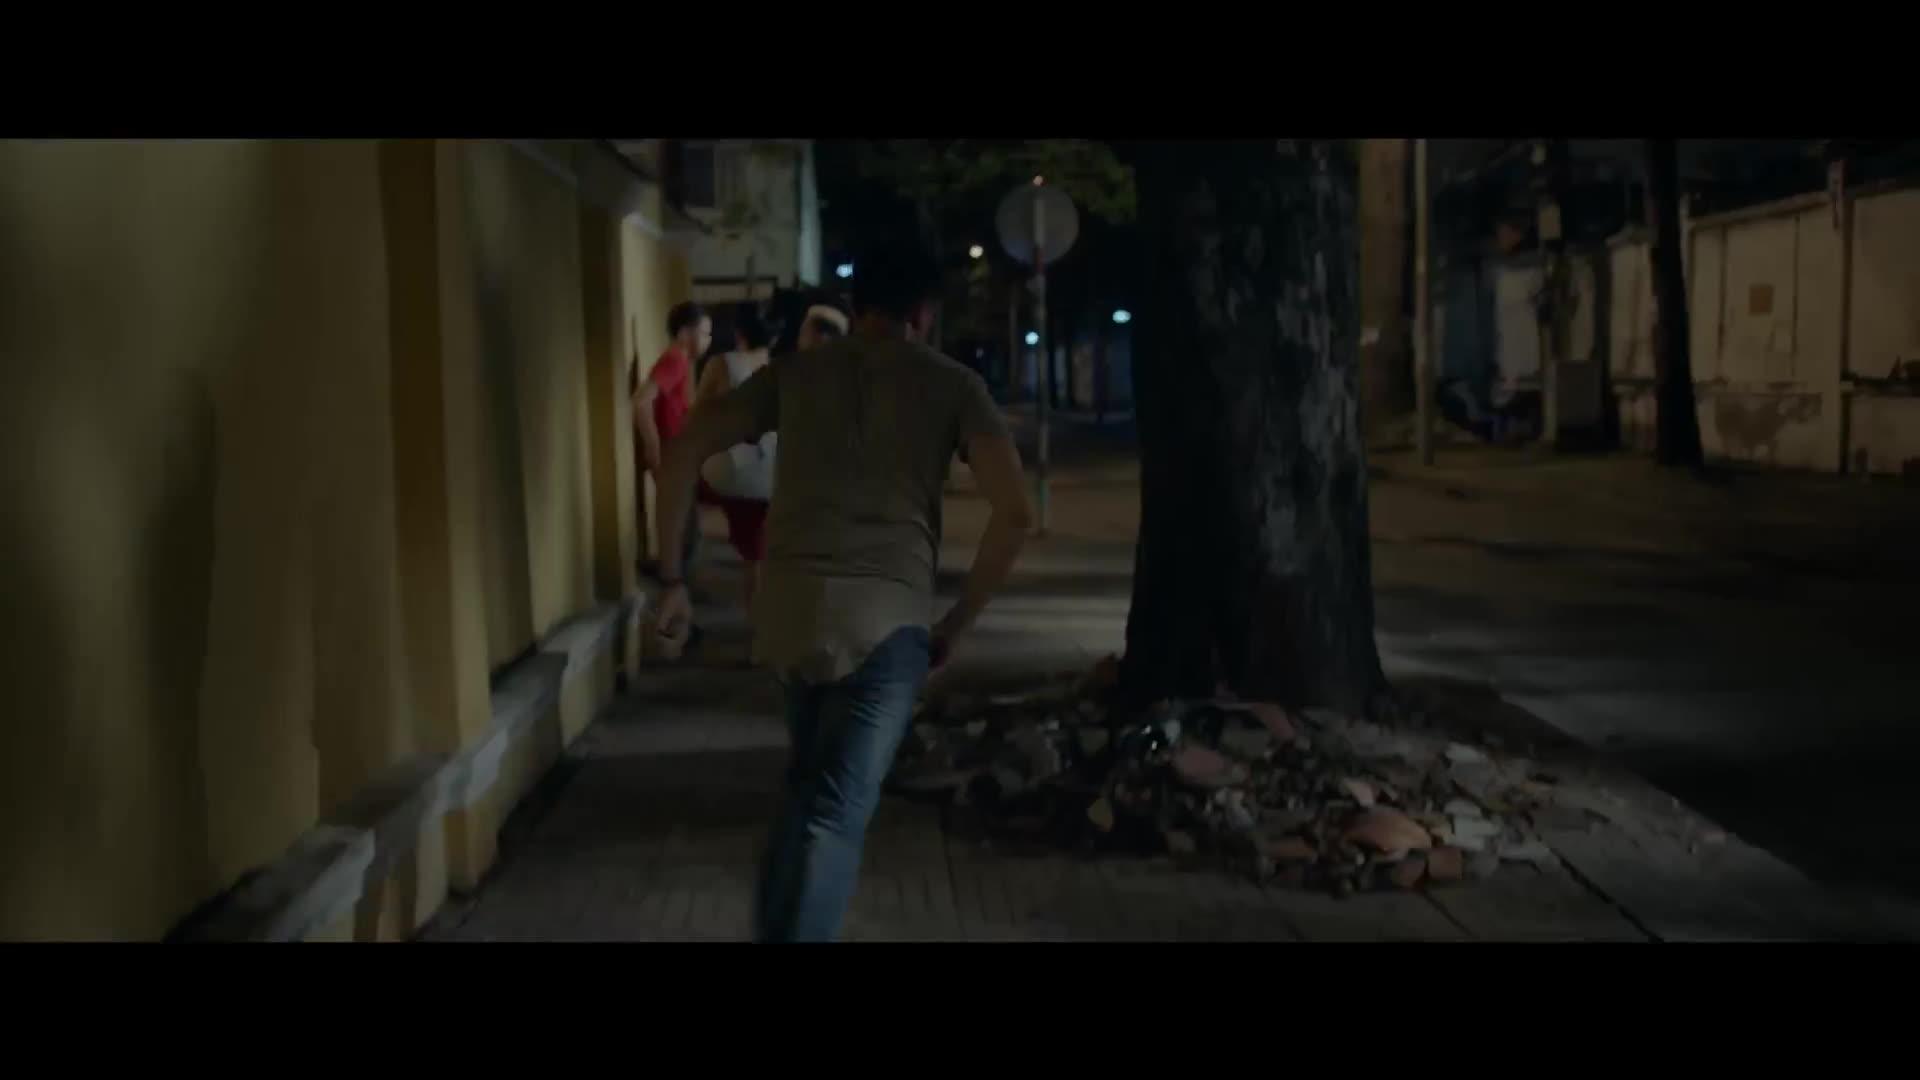 Hot boy nổi loạn 2 tung trailer mới dập tắt hoàn toàn sự mơ mộng và lãng mạn